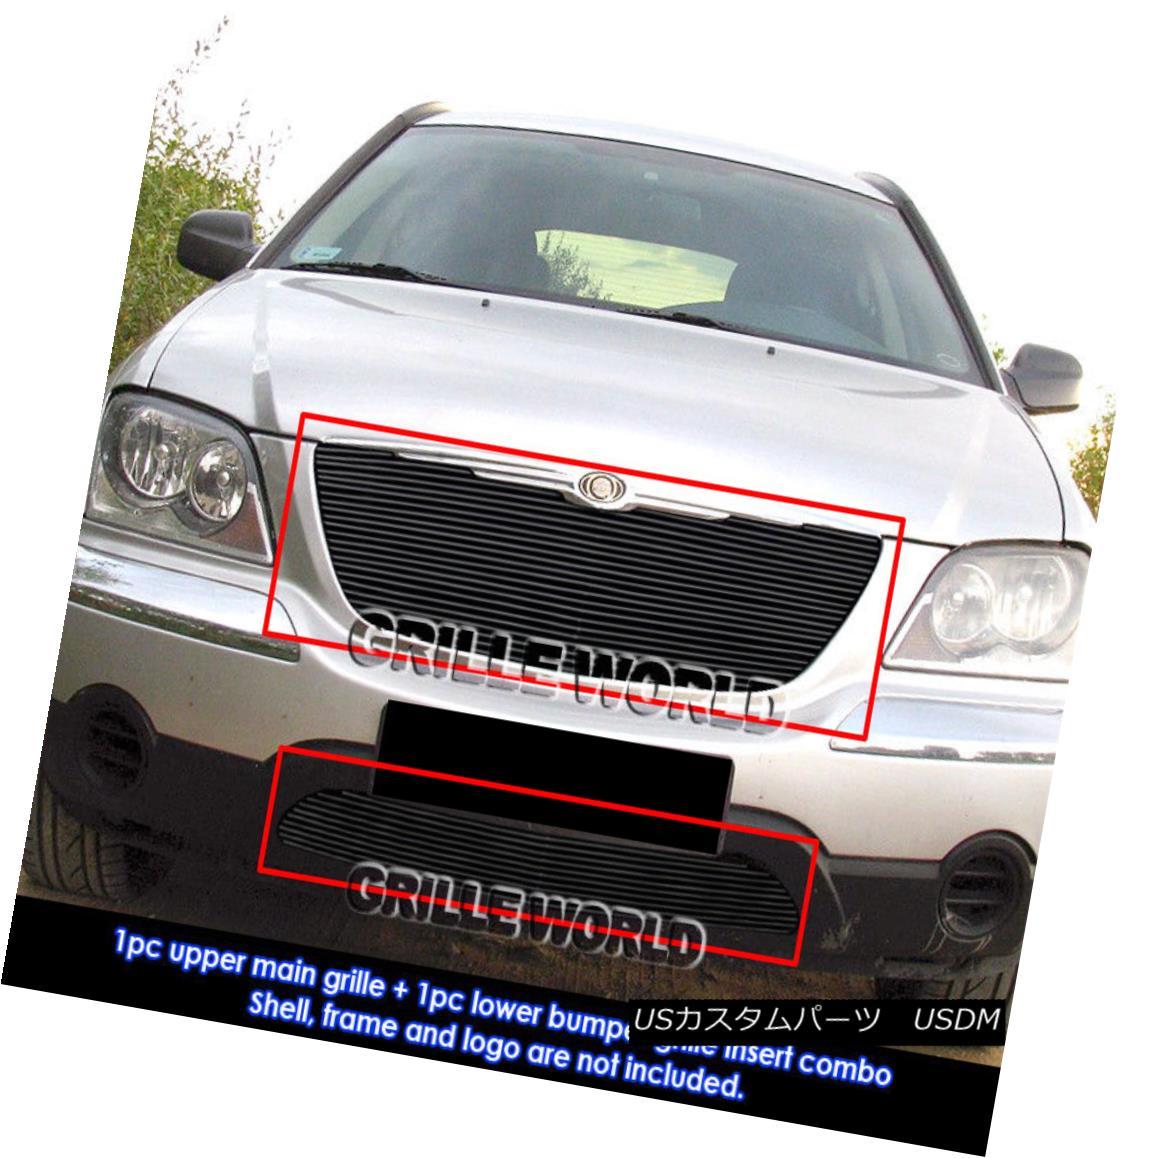 グリル For 04-06 Chrysler Pacifica Black Billet Grille Combo 04-06クライスラーパシフィカブラックビレットグリルコンボ用